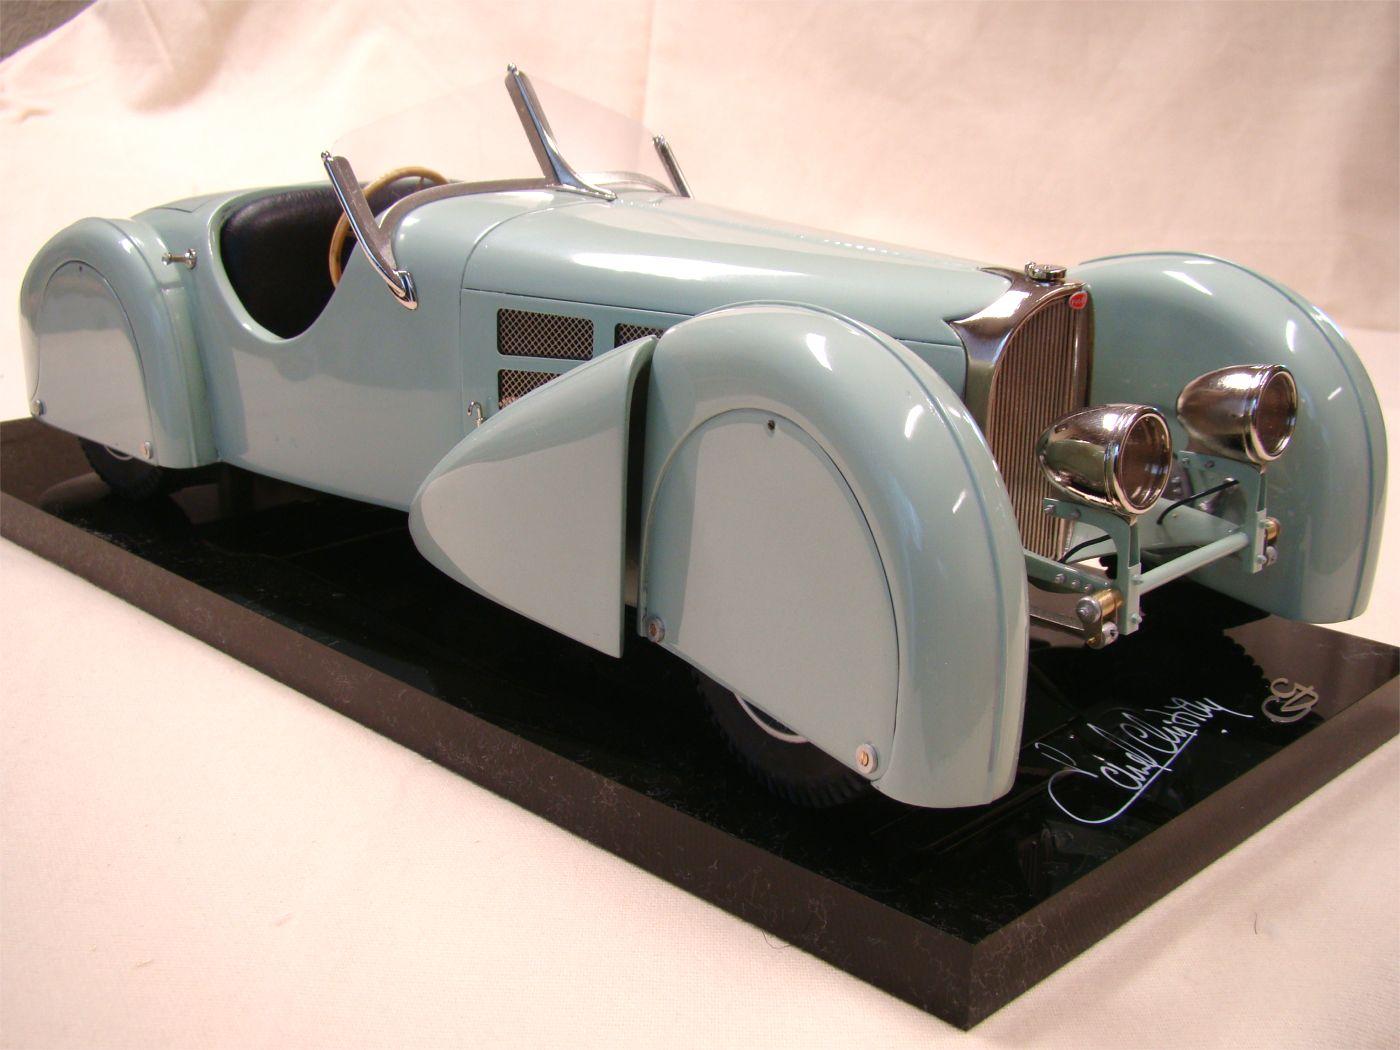 La Bugatti Type 57 S 'alon de Paris 1936'